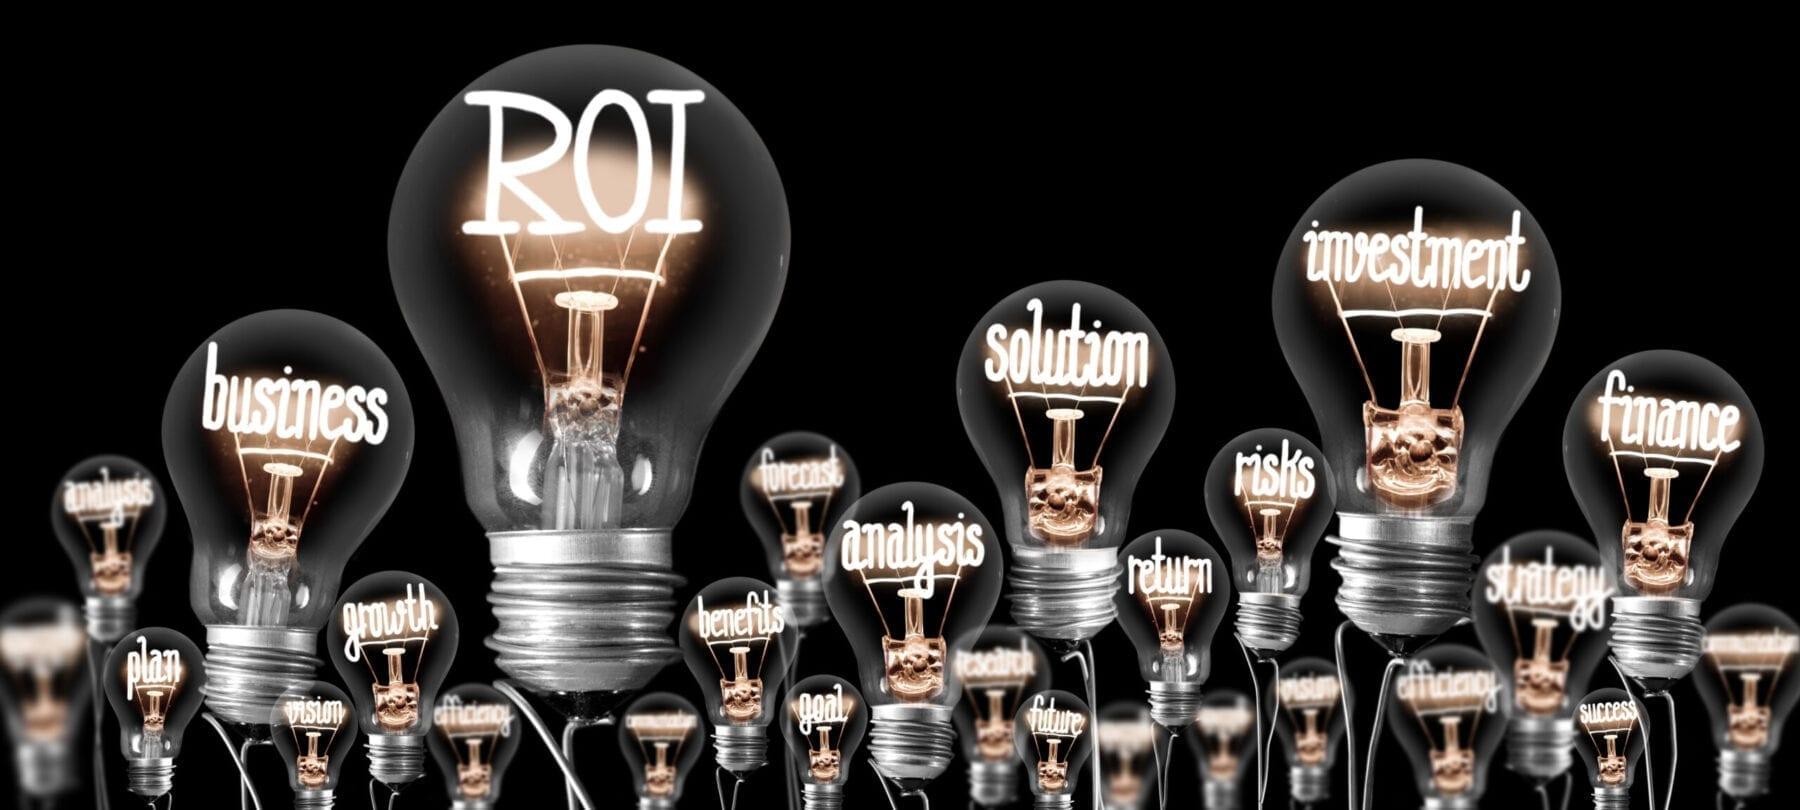 ROI Light Bulbs